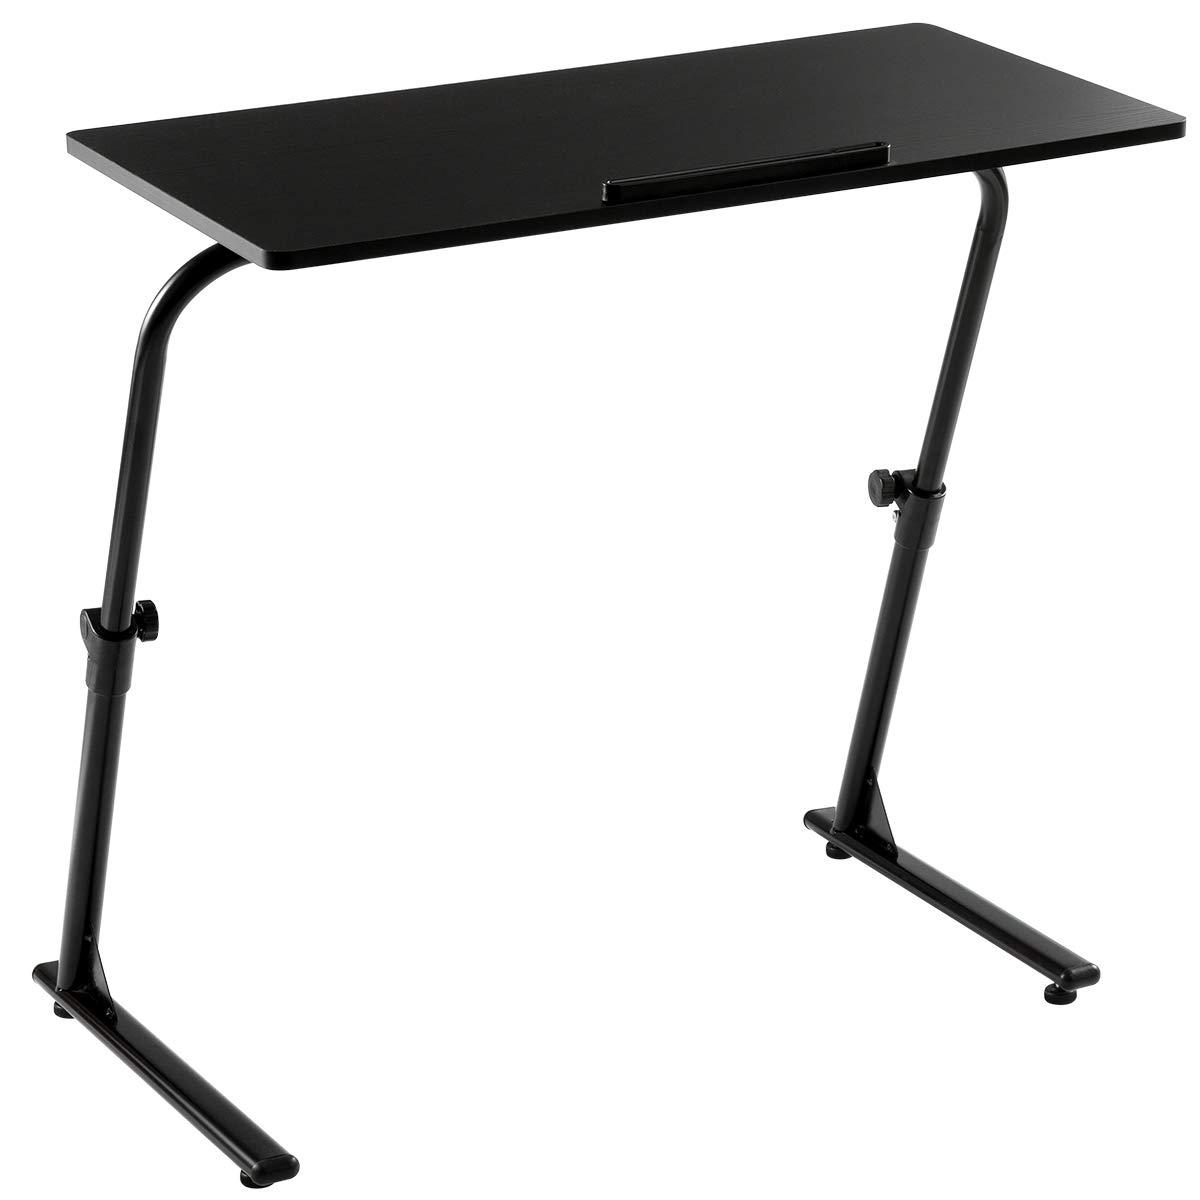 AGTEK Portable Computer Desk, Standing Computer Desk, Adjustable Laptop Stand Tray Side Table, Black